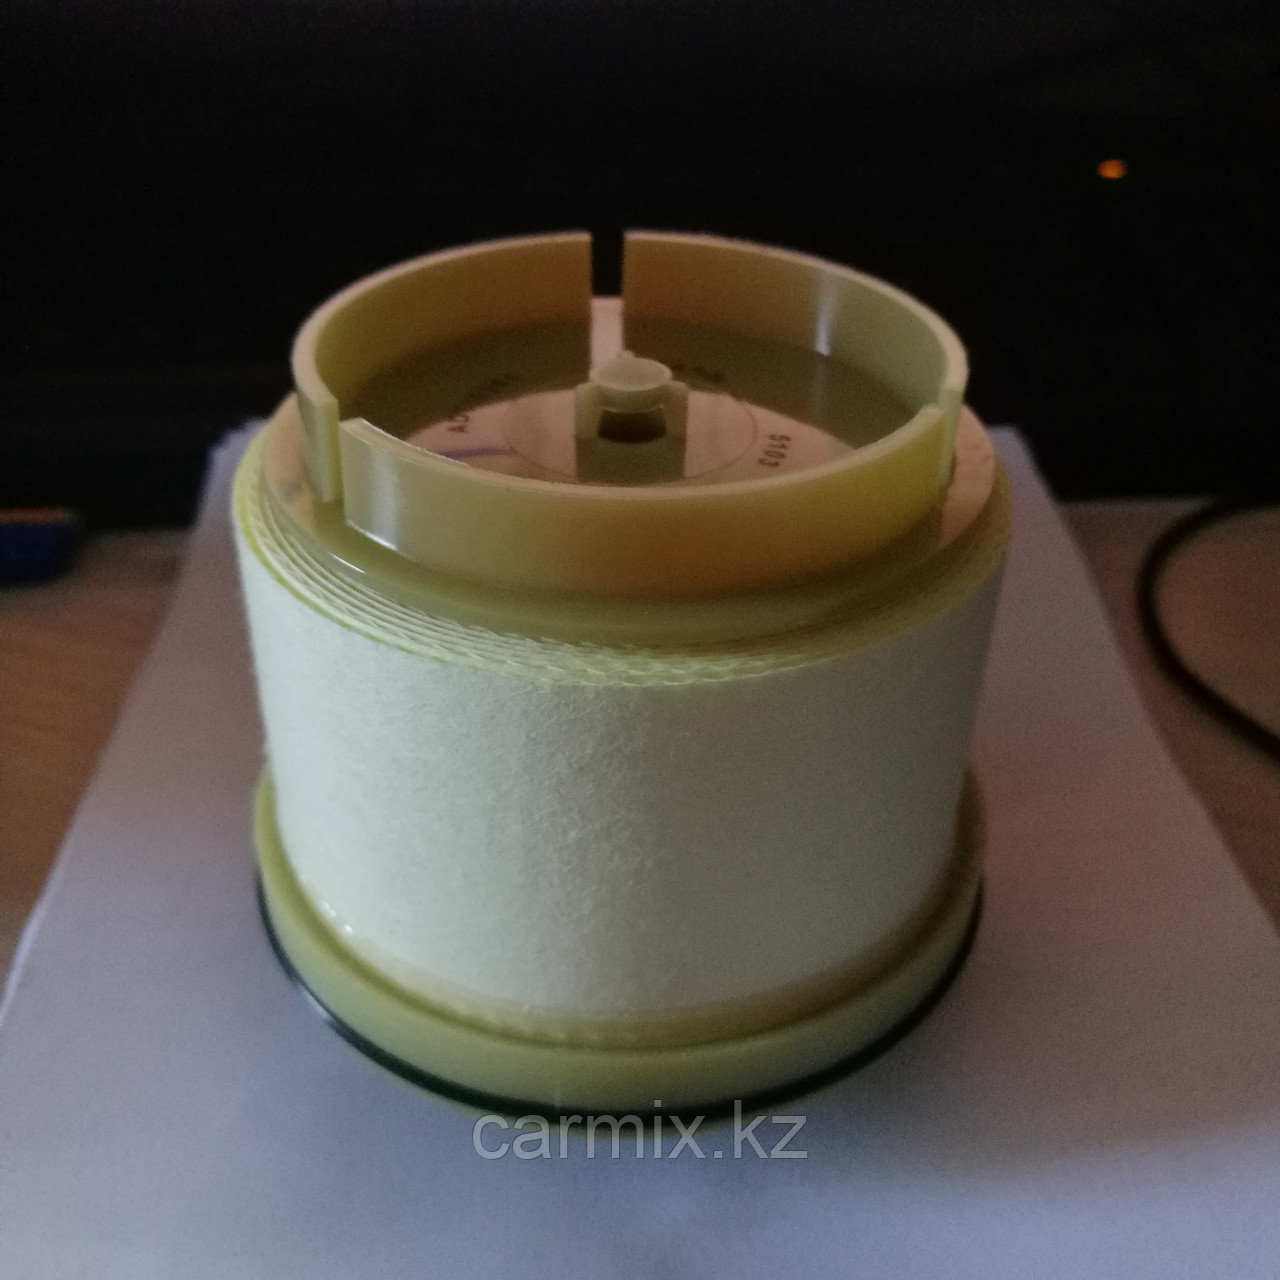 Фильтр топливный HIACE KDH202, KDH222, HILUX KUN15, KUN25